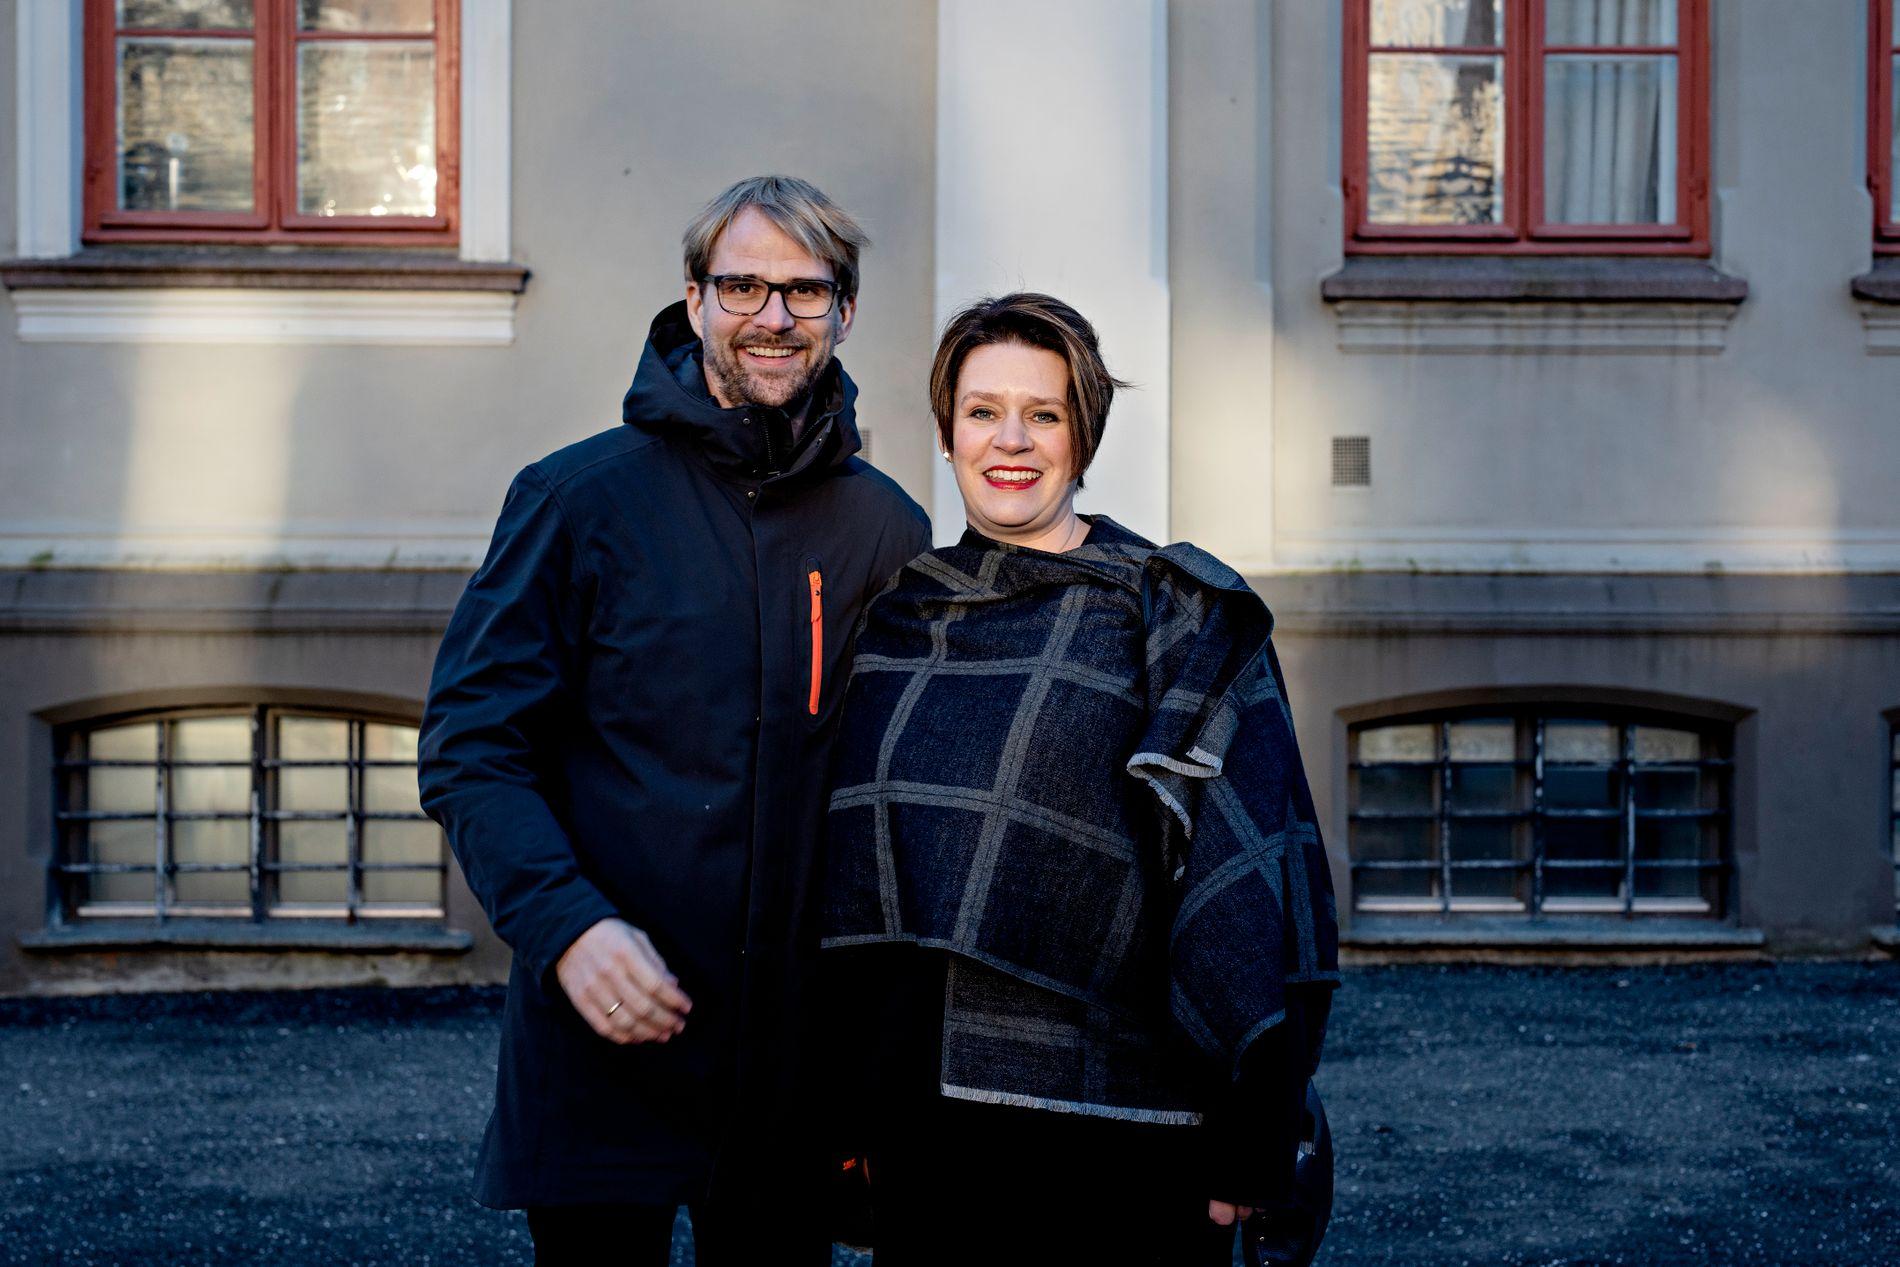 MYE ENIGHET: Både Roger Valhammer og Marte Mjøs Persen er Ap-kandidater til å bli byrådslederkandidat i Bergen. I dette innlegget skriver de om saker de er enige om.